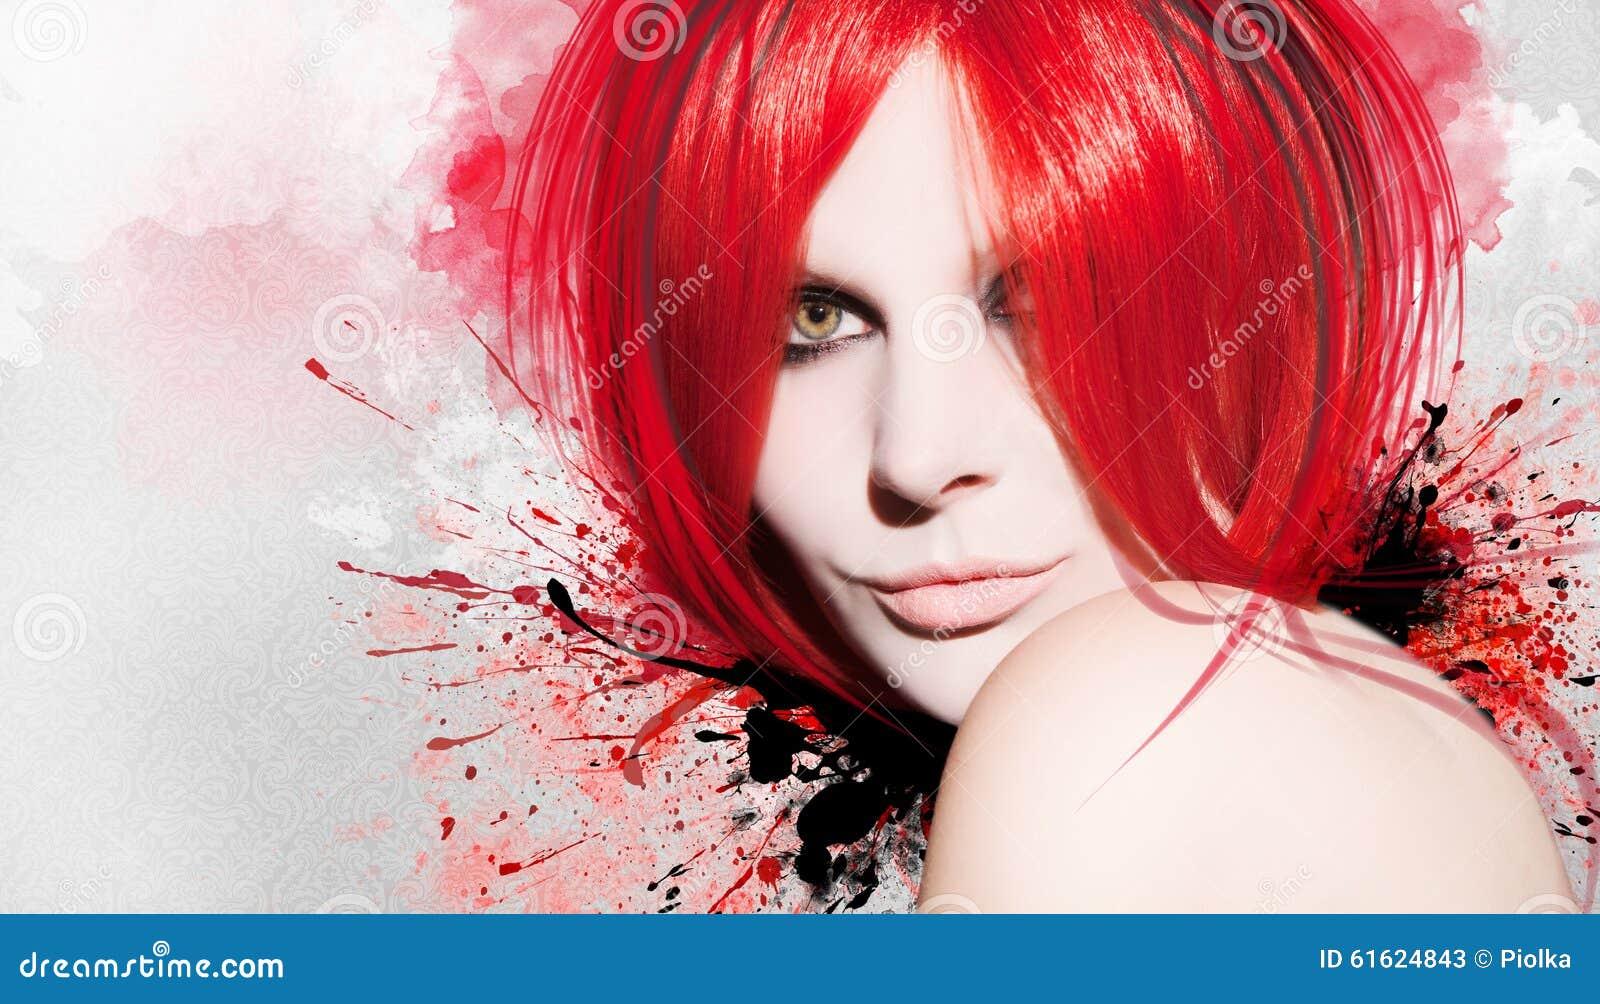 Όμορφη γυναίκα σε ένα ζωηρόχρωμο υπόβαθρο